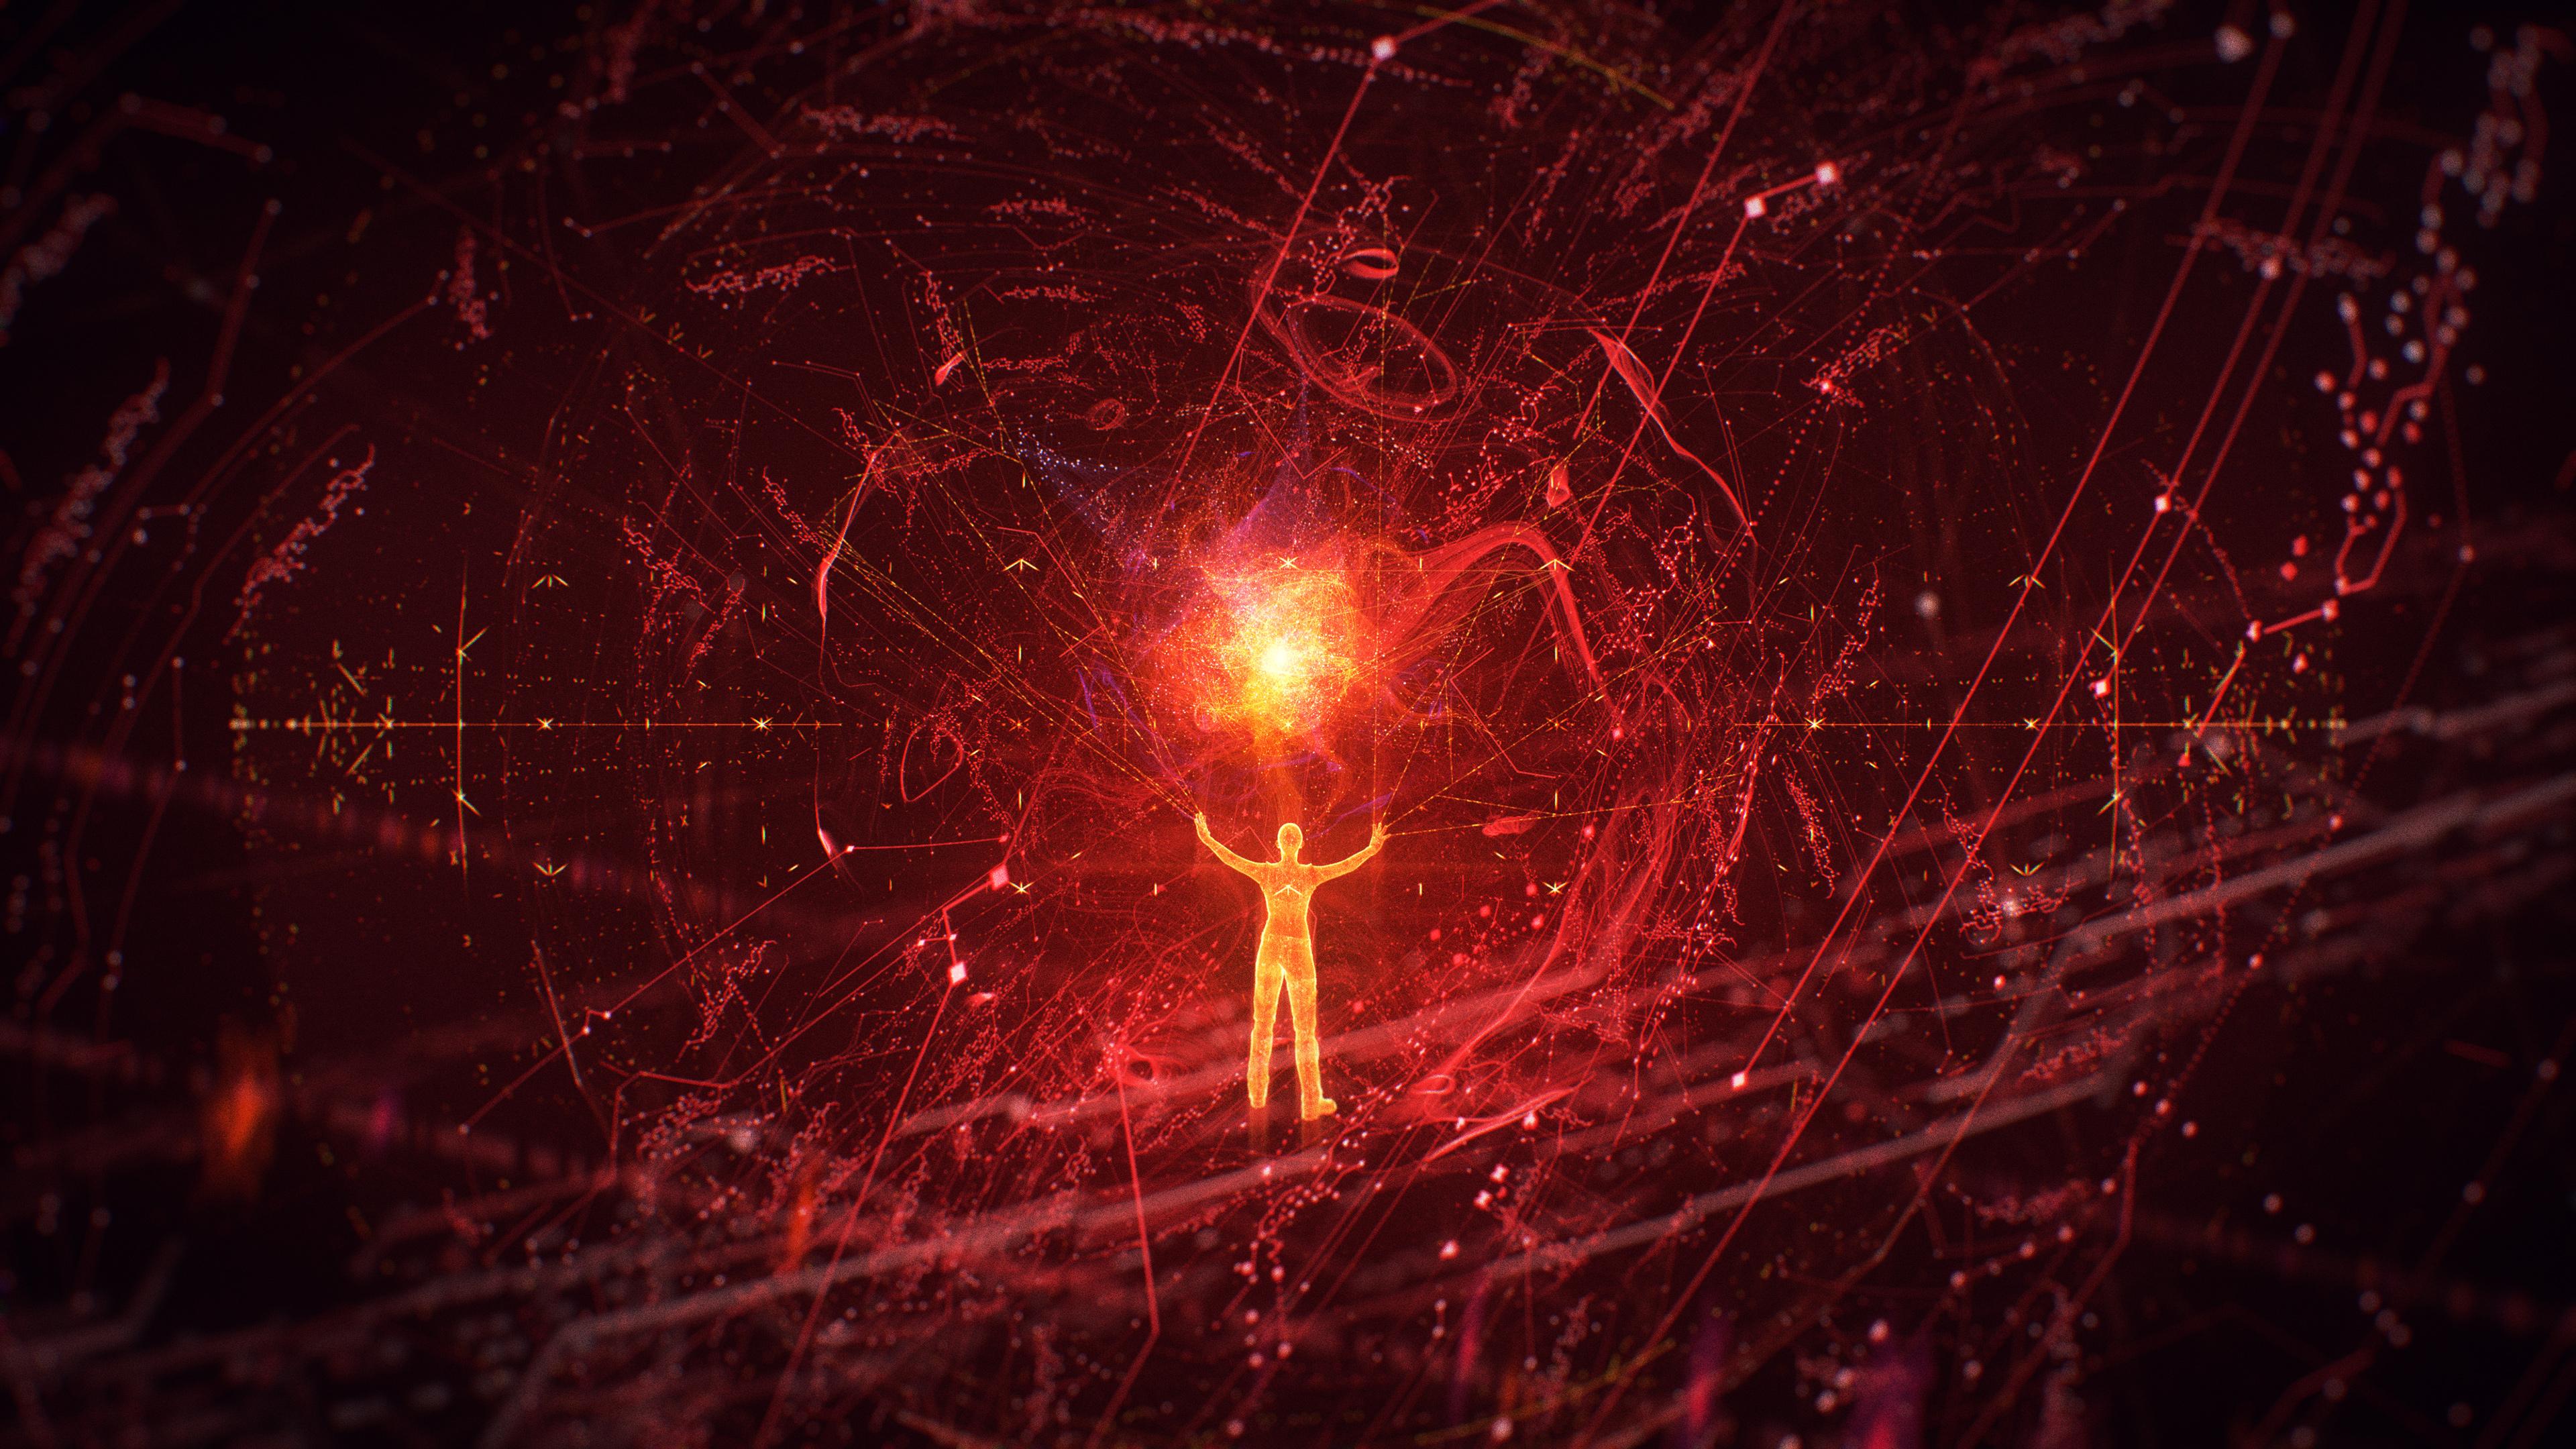 Сверхчеловек в паутине световых,сияющих импульсов и разрядов